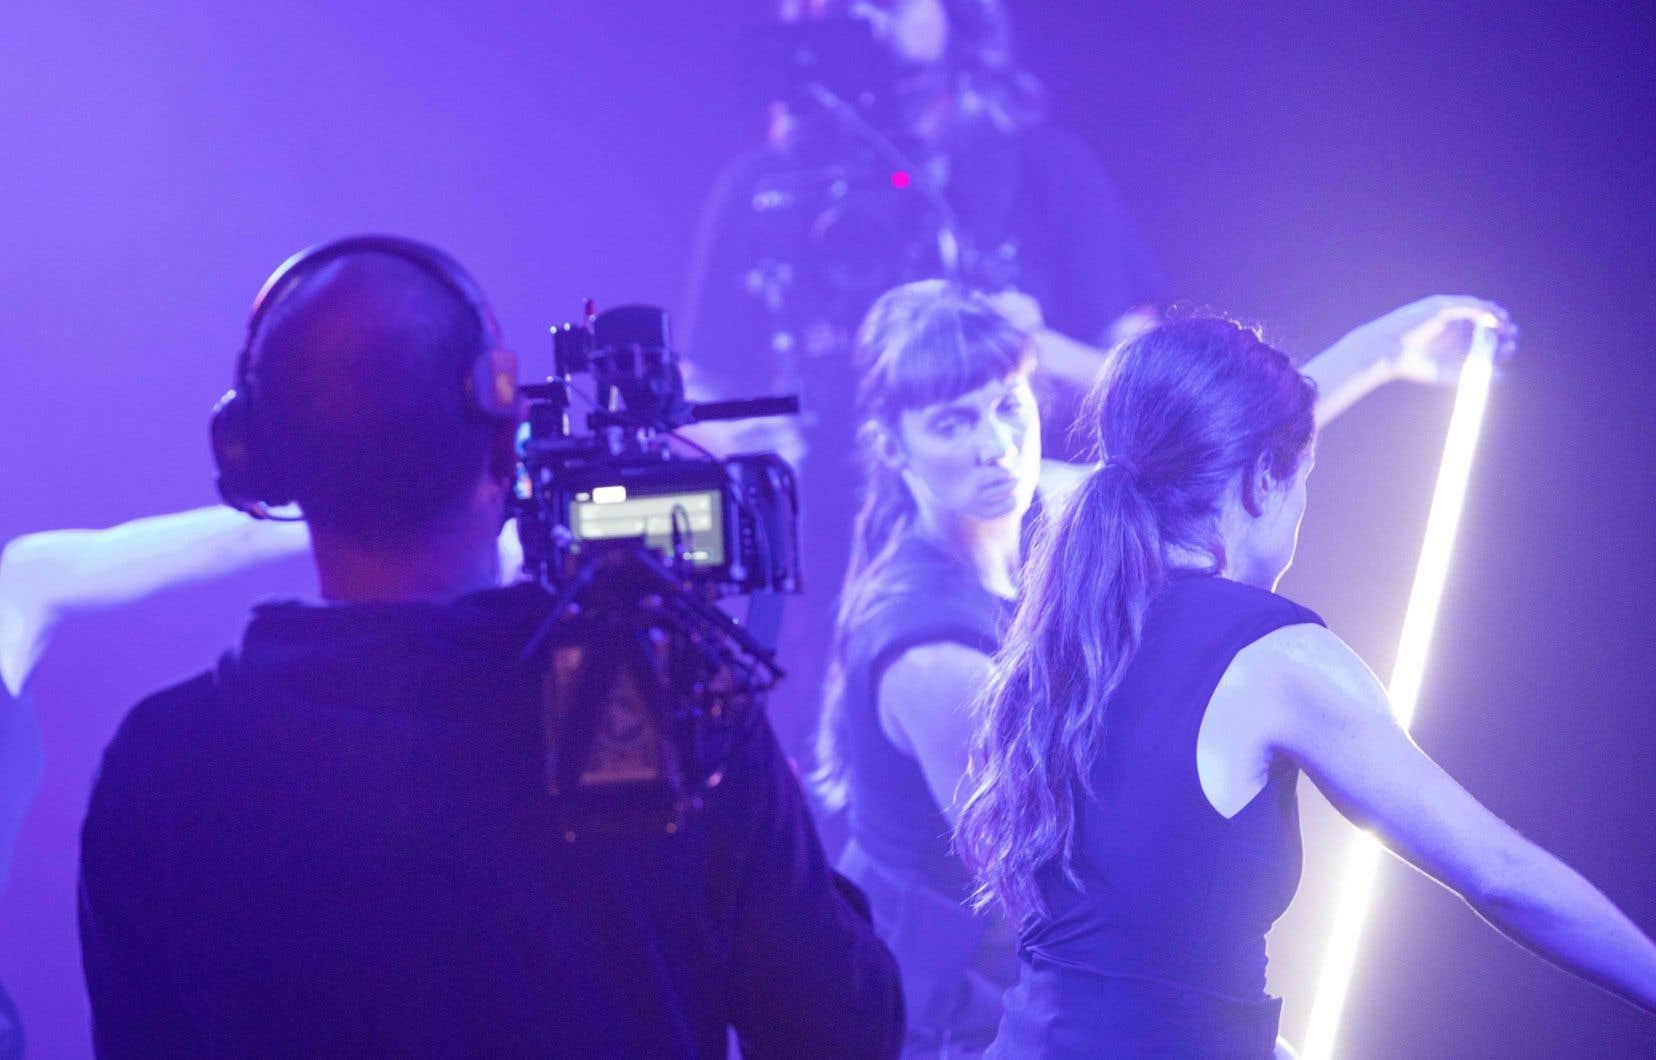 Une image du tournage de la pièce «VERSO»d'Audrey Bergeron, webdiffusée par Danse-Cité et rendue disponible sur la plateforme Sceno.tv